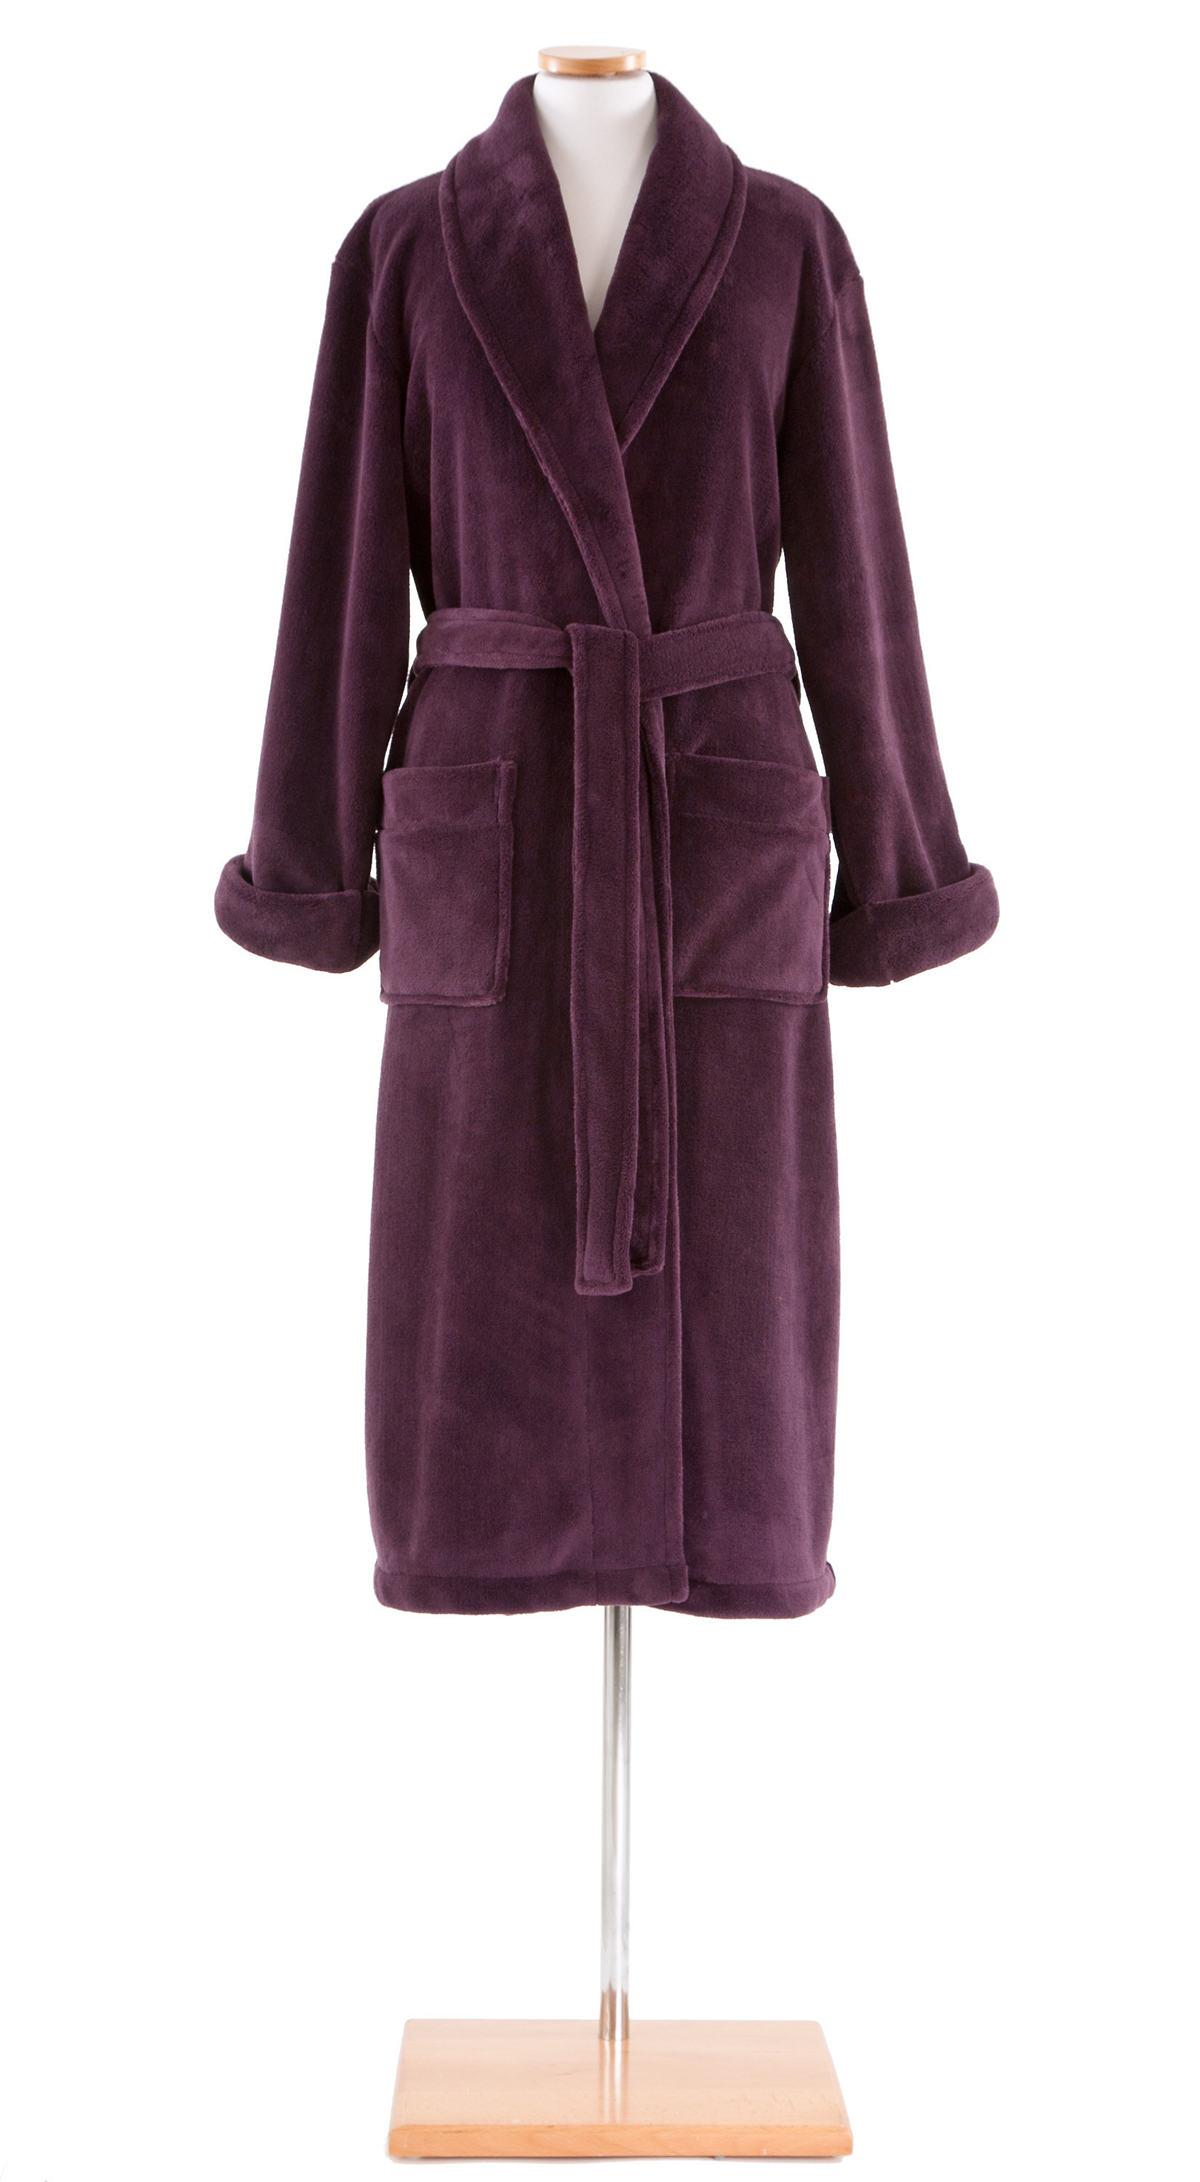 Sheepy Fleece Plum Robe